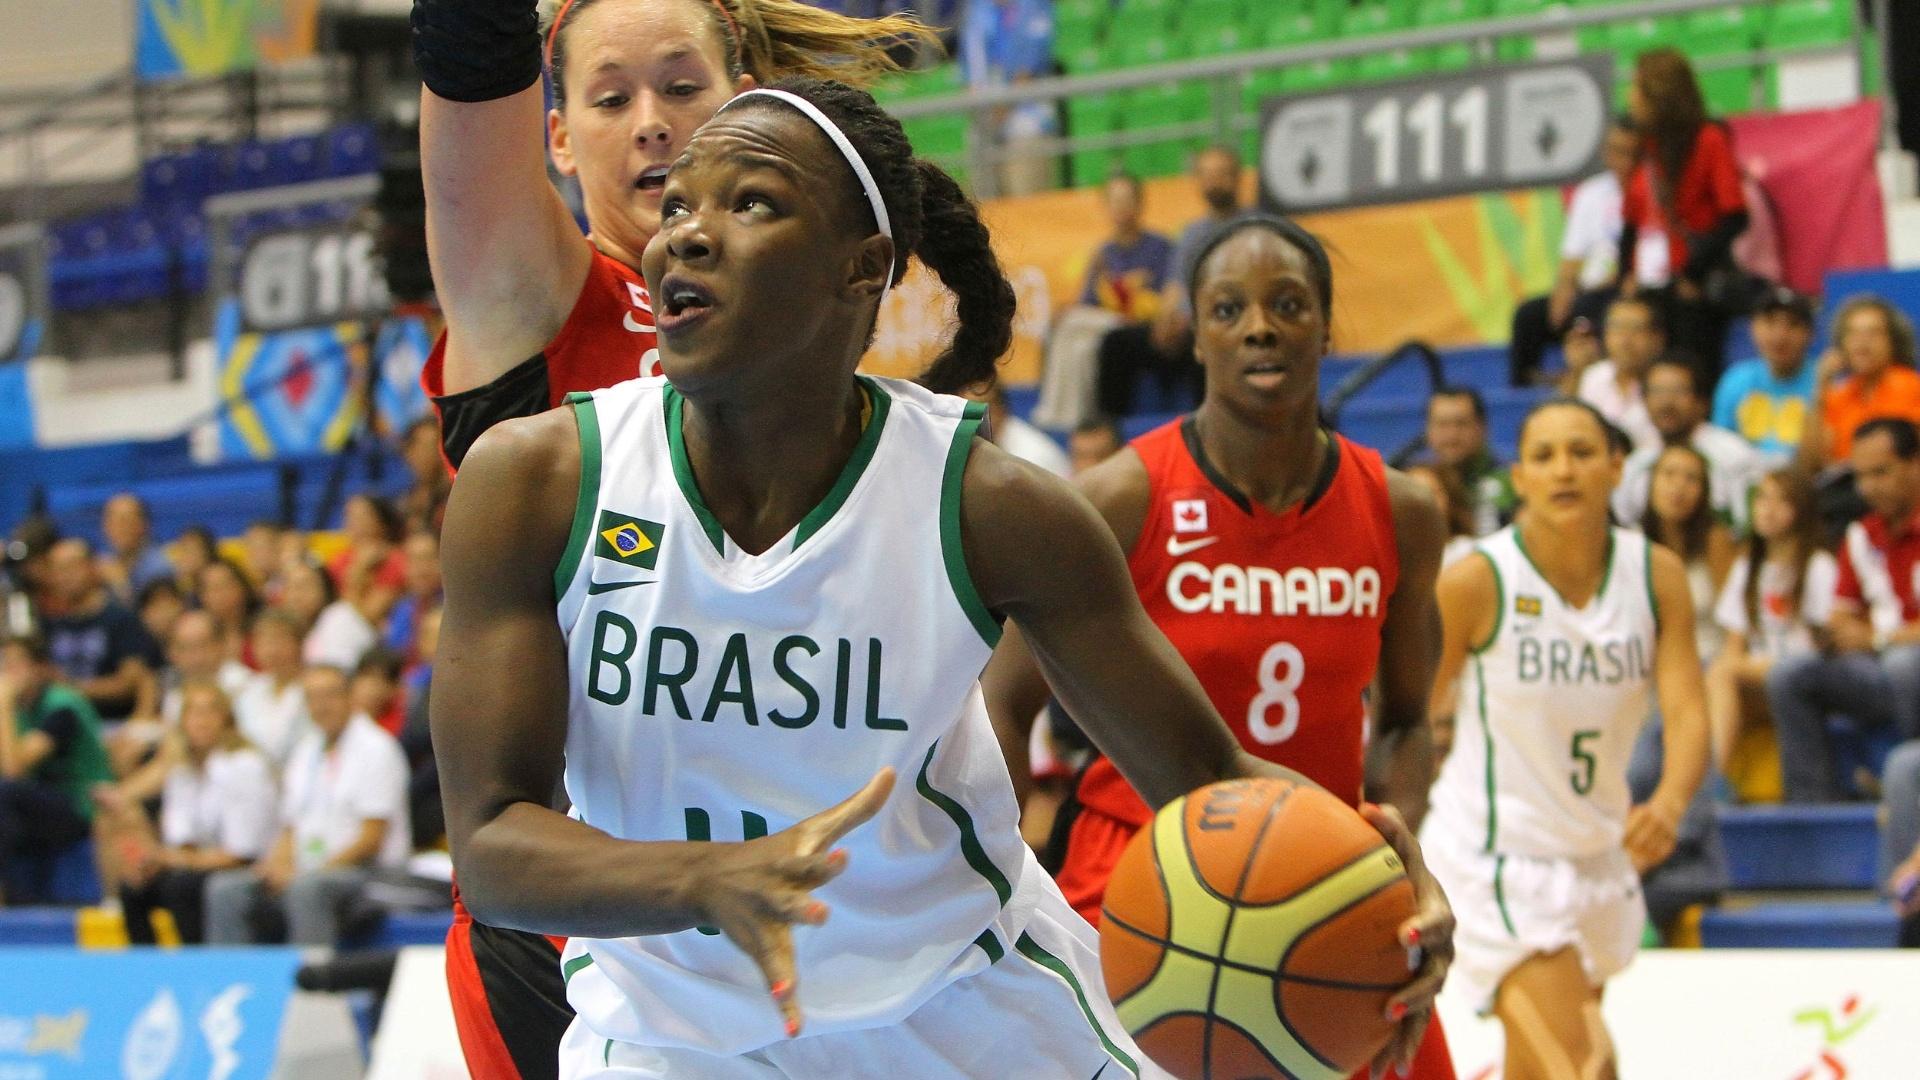 Gilmara controla a bola na partida entre Brasil e Canadá pela abertura do basquete feminino no Pan (21/10/2011)